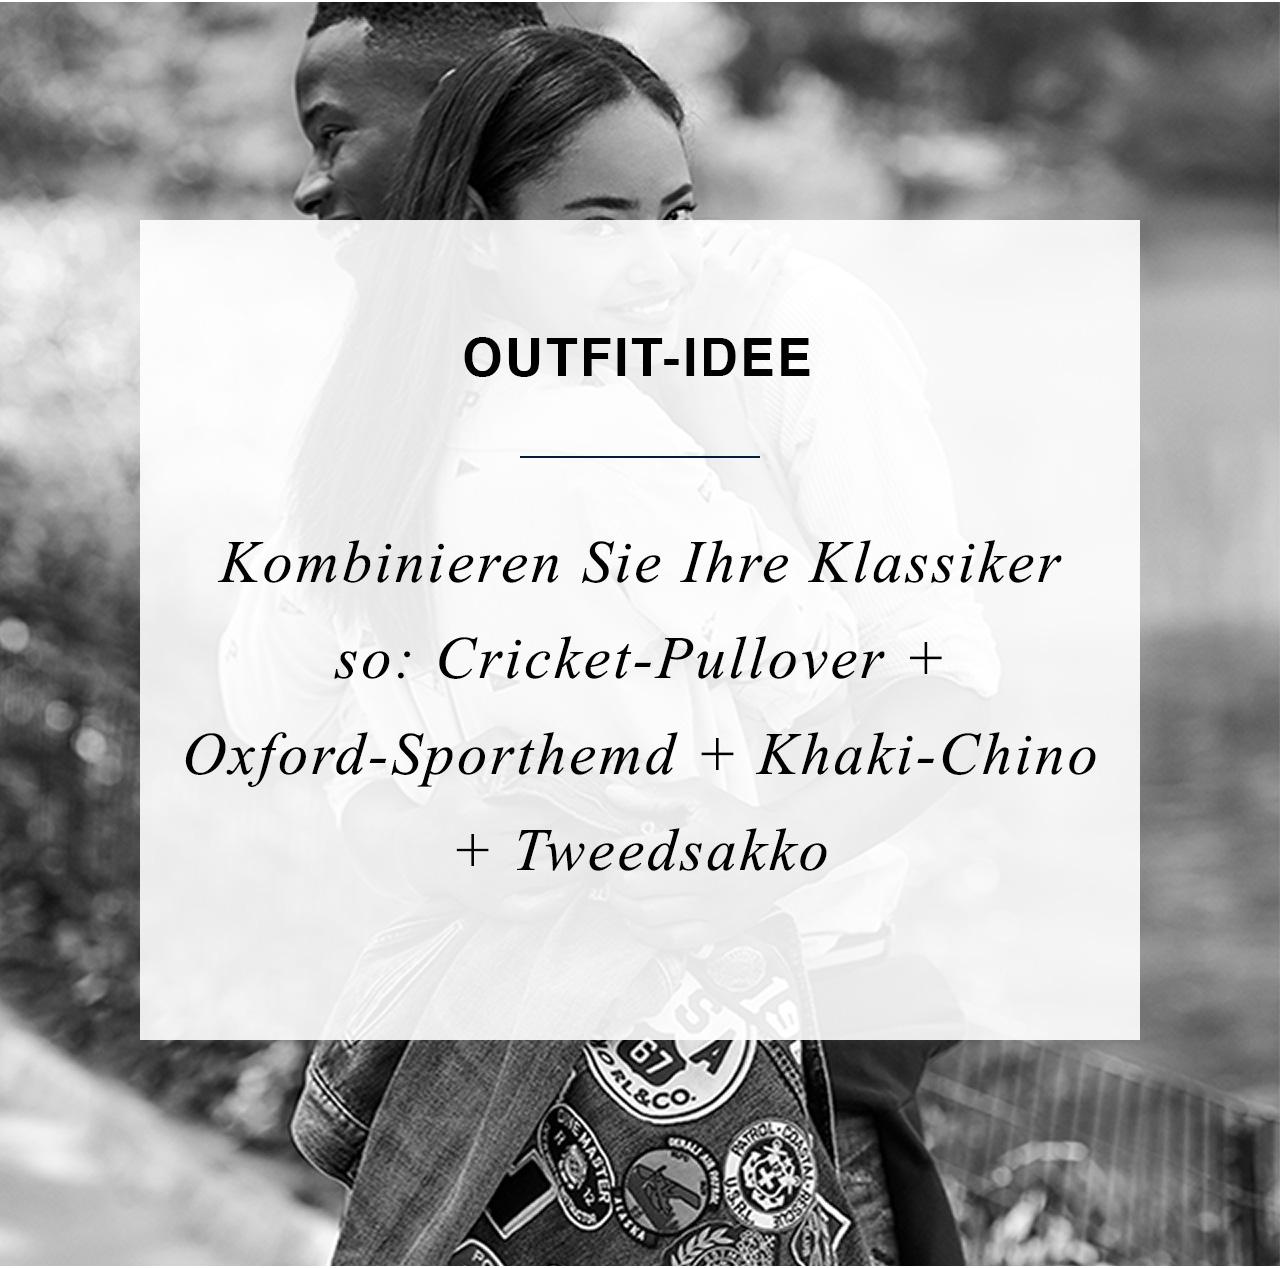 Outfit-idee - Kombinieren Sie Ihre Klassiker so: Cricket-Pullover + Oxford-Sporthemd + Khaki-Chino + Tweedsakko